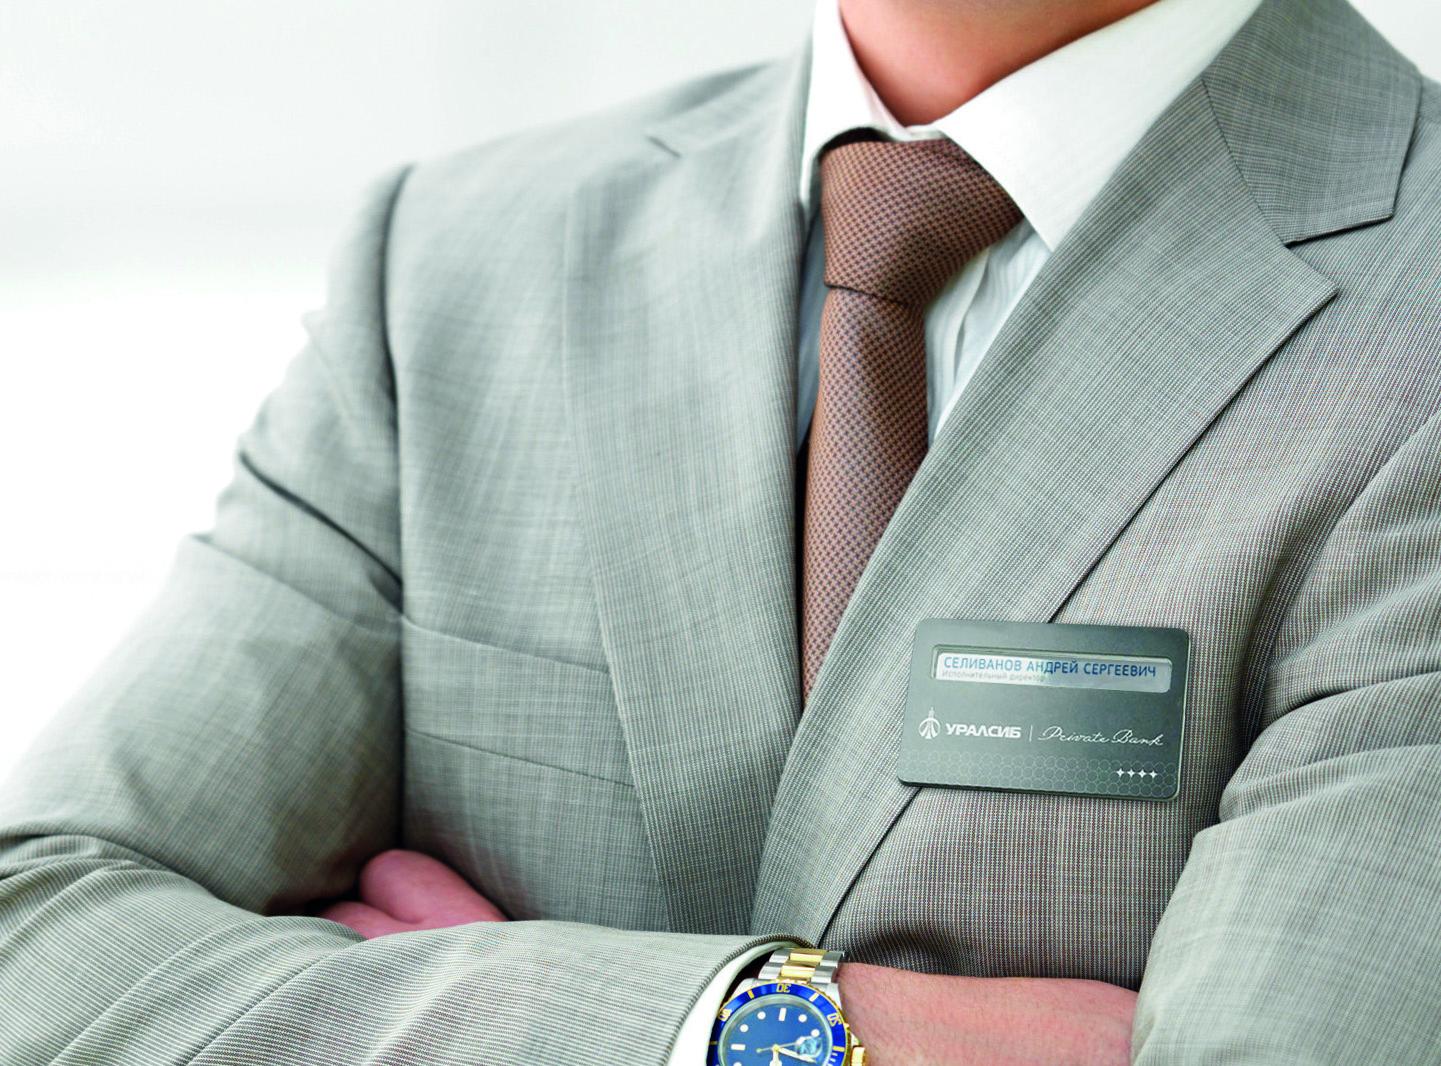 depot wpf провело ребрендинг Частного банка Уралсиб Реклама  Начиная с апреля банк сменил адрес в сети на private bank ru В поддержку ребрендинга в сентябре 2013 года будет запущена рекламная кампания